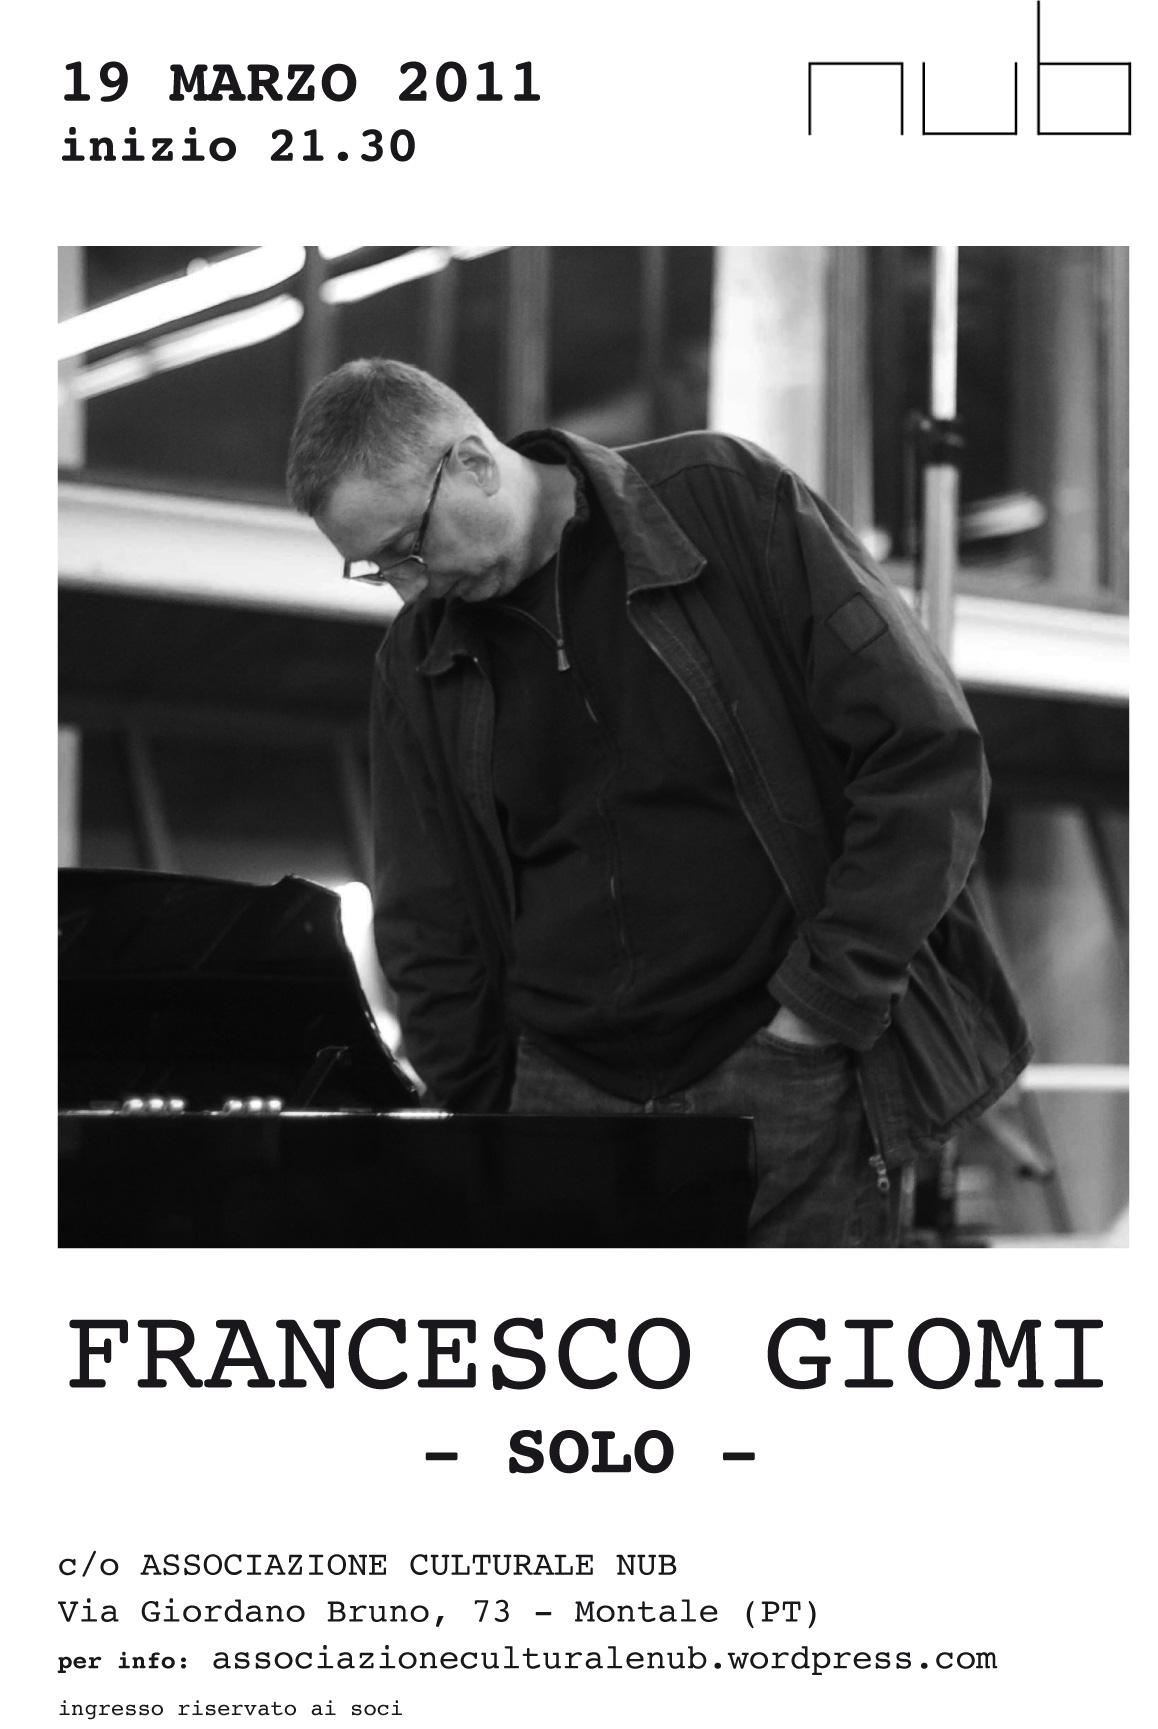 FRANCESCO GIOMI   19.03.2011